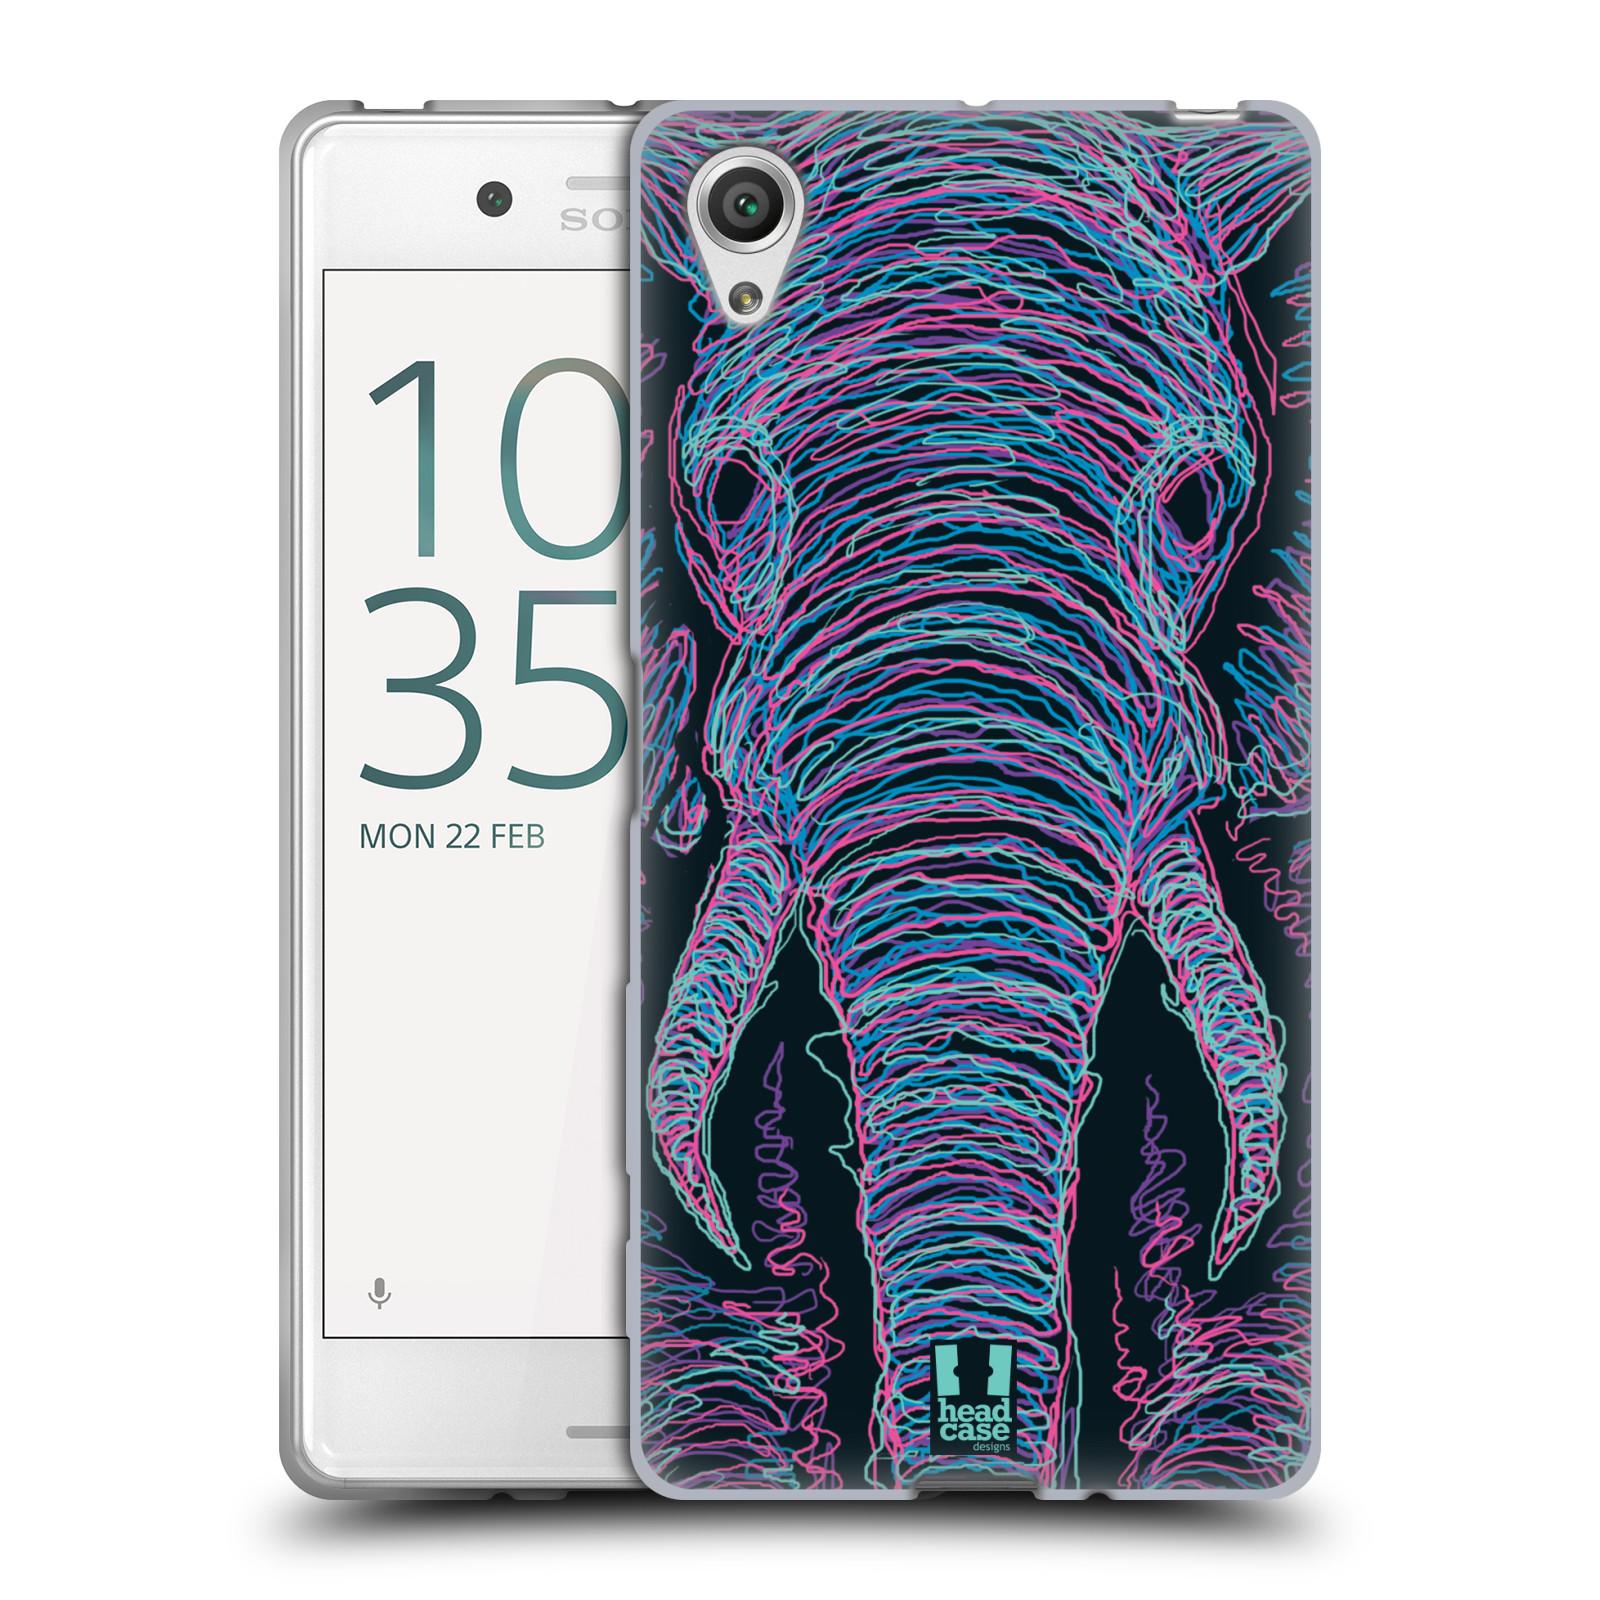 HEAD CASE silikonový obal na mobil Sony Xperia X / X DUAL vzor zvíře čmáranice slon